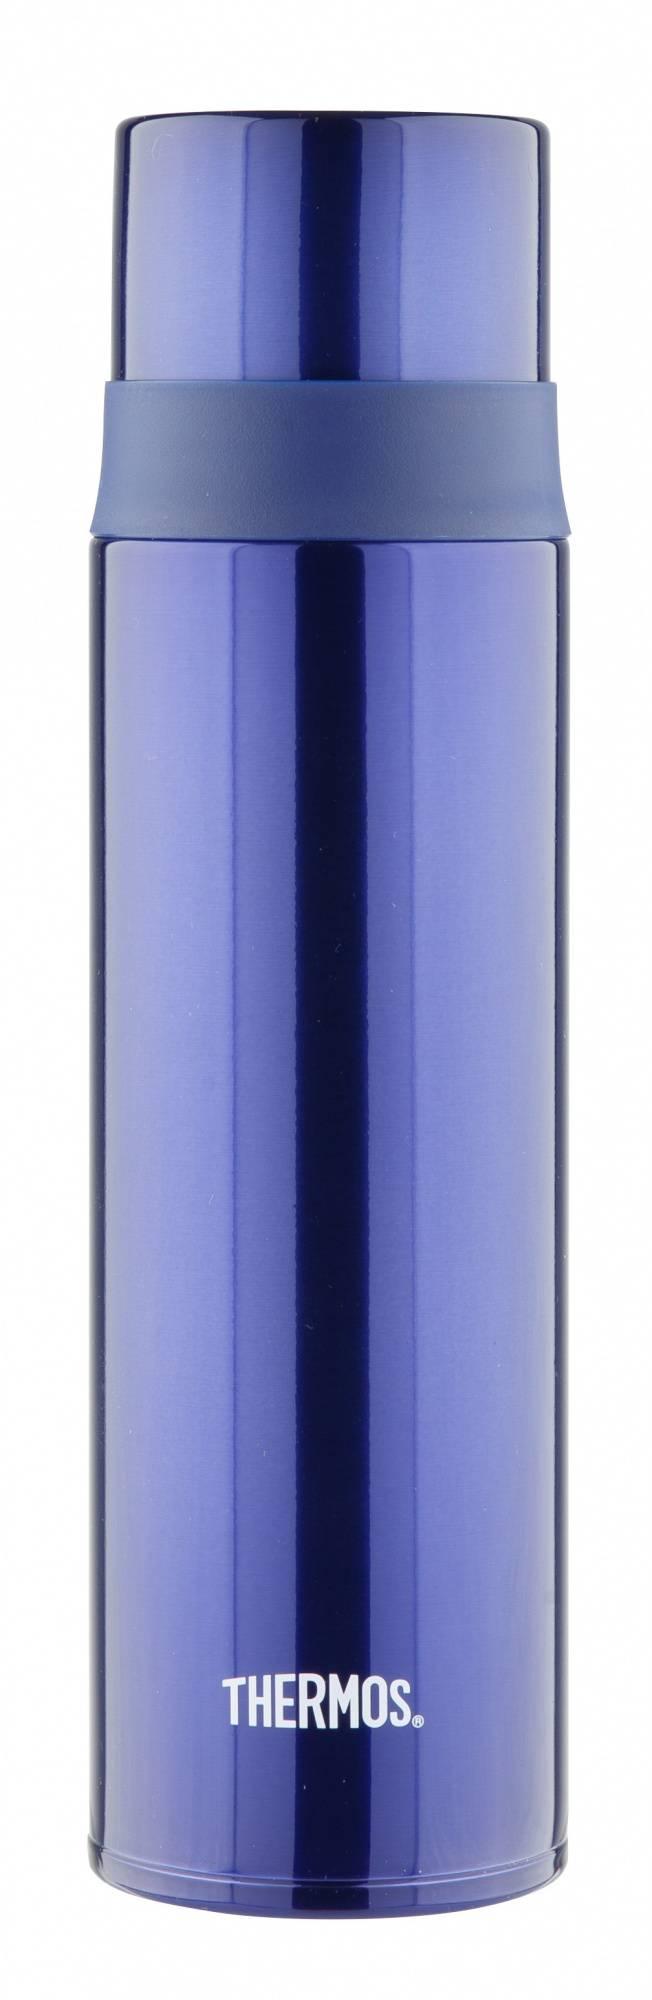 Термос Thermos FFM-500-BL SS синий - фото 1